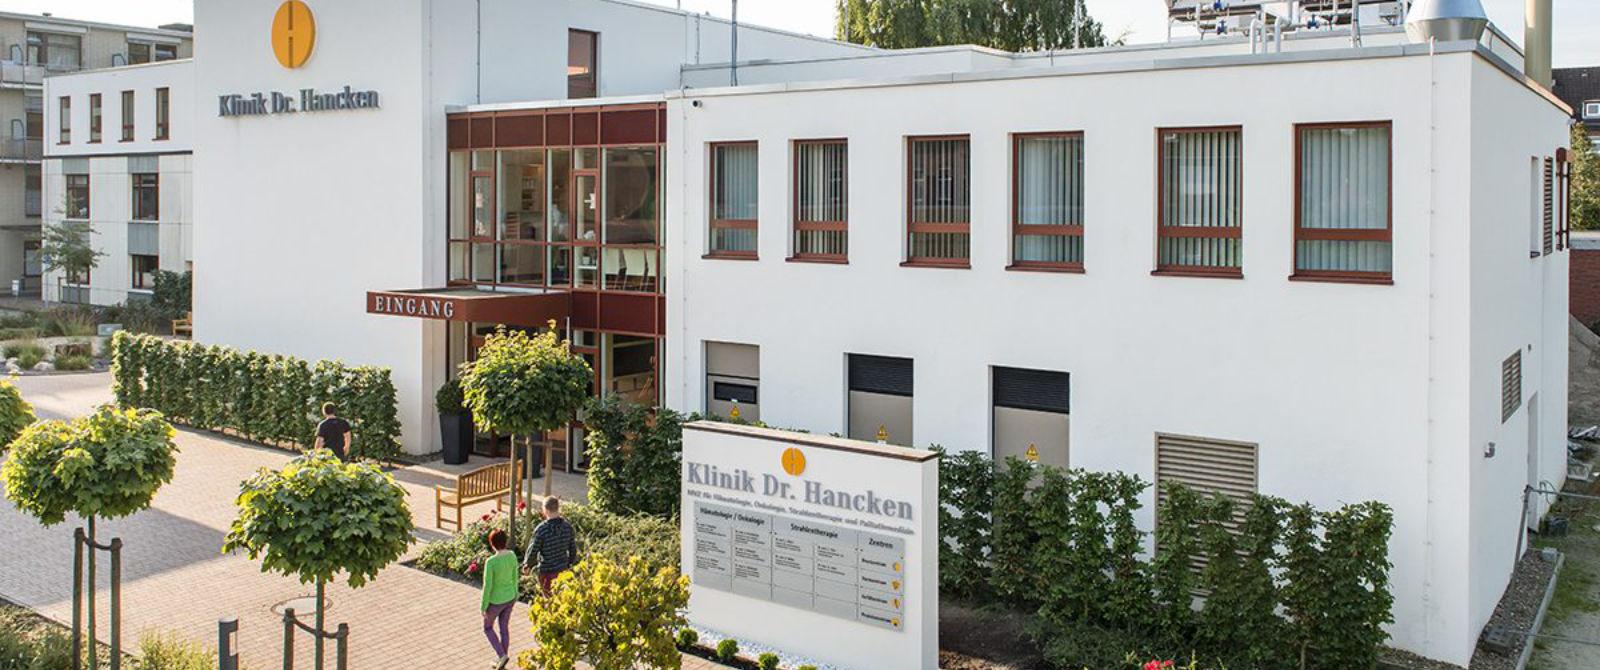 Klinik Dr. Hancken